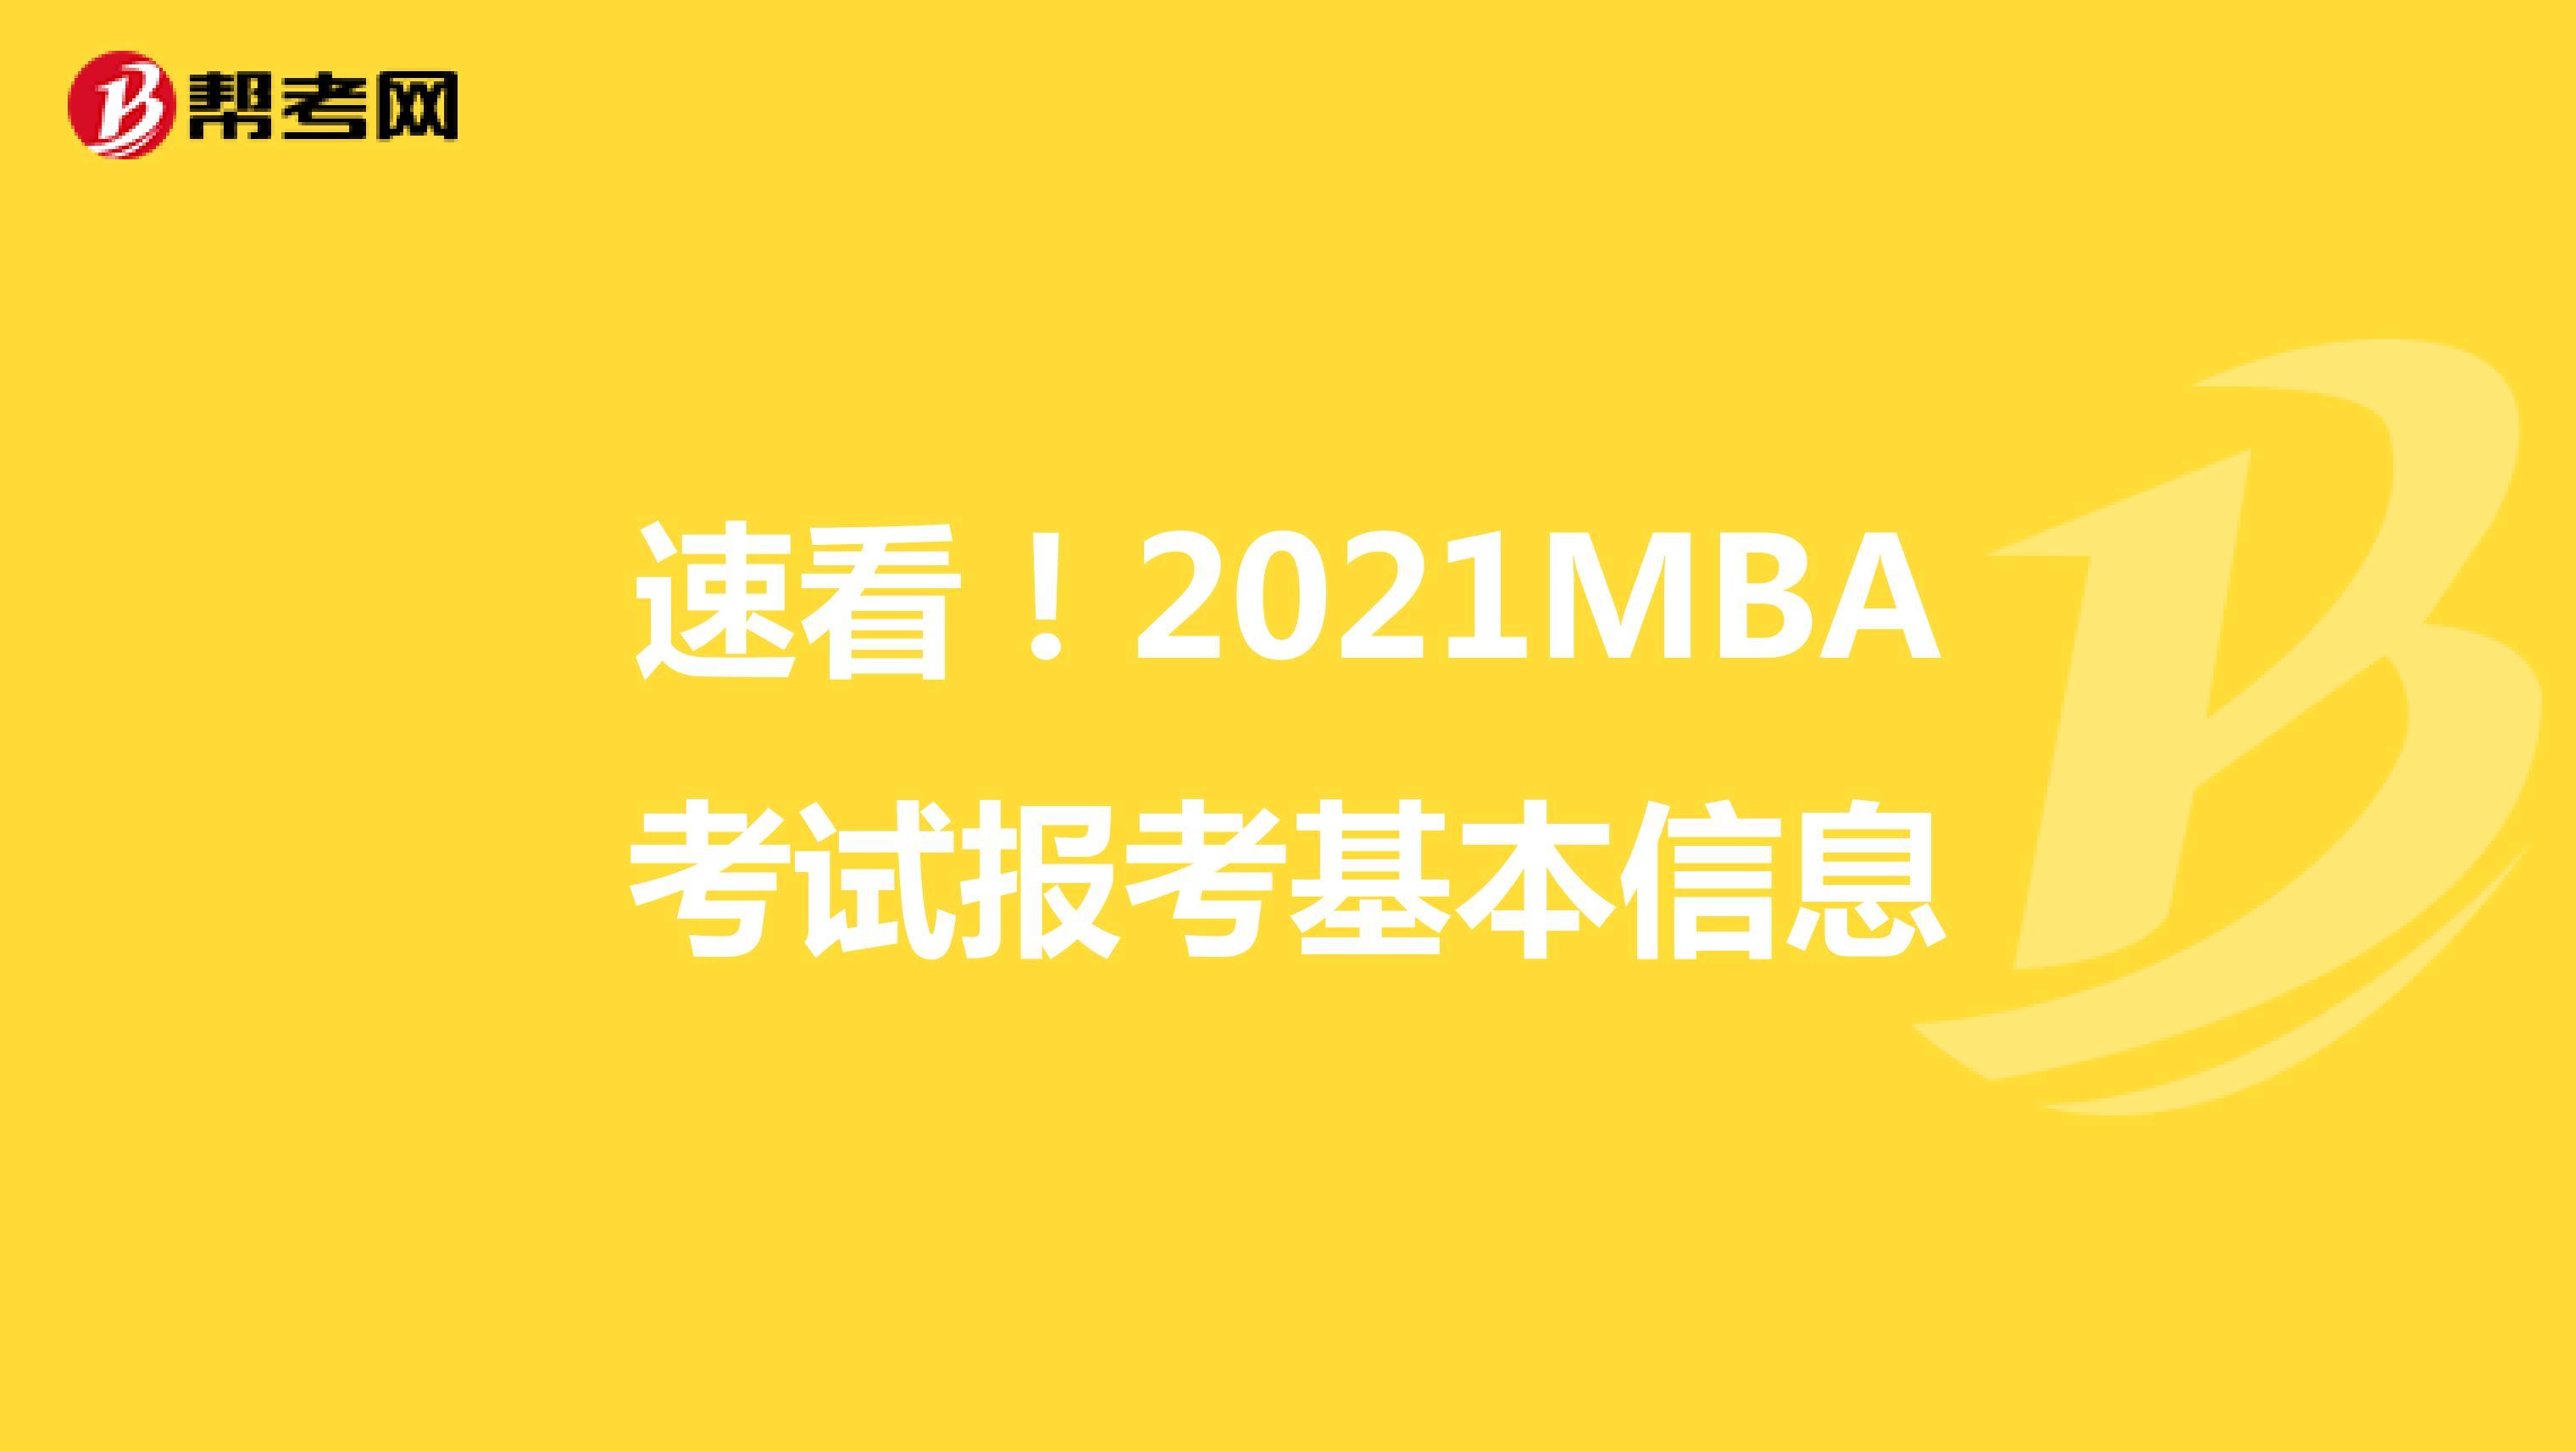 速看!2021MBA考試報考基本信息